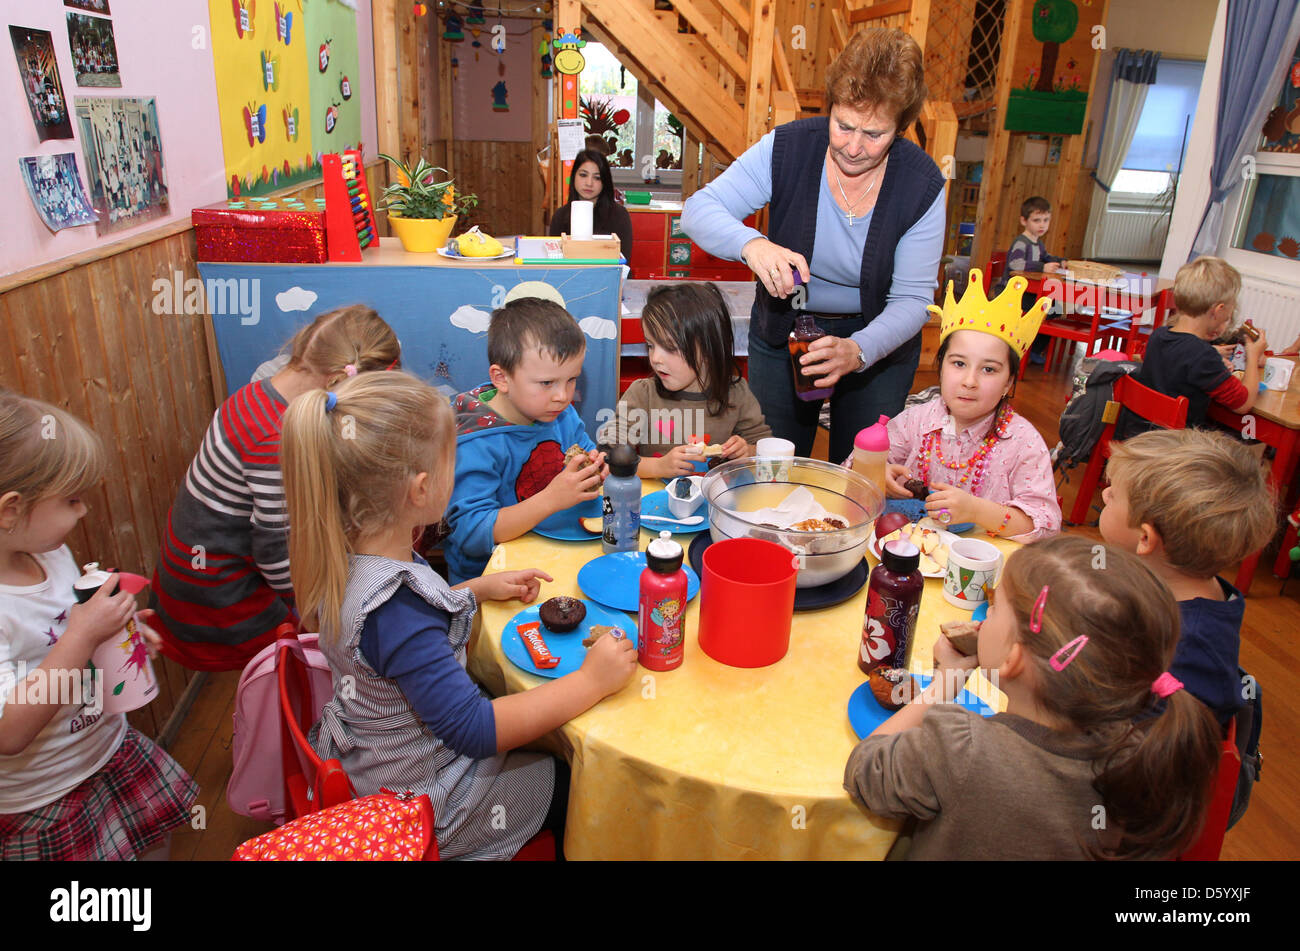 Kinder Feiern Einen Geburtstag Mit Kindergartnerin Florenz Landry Im